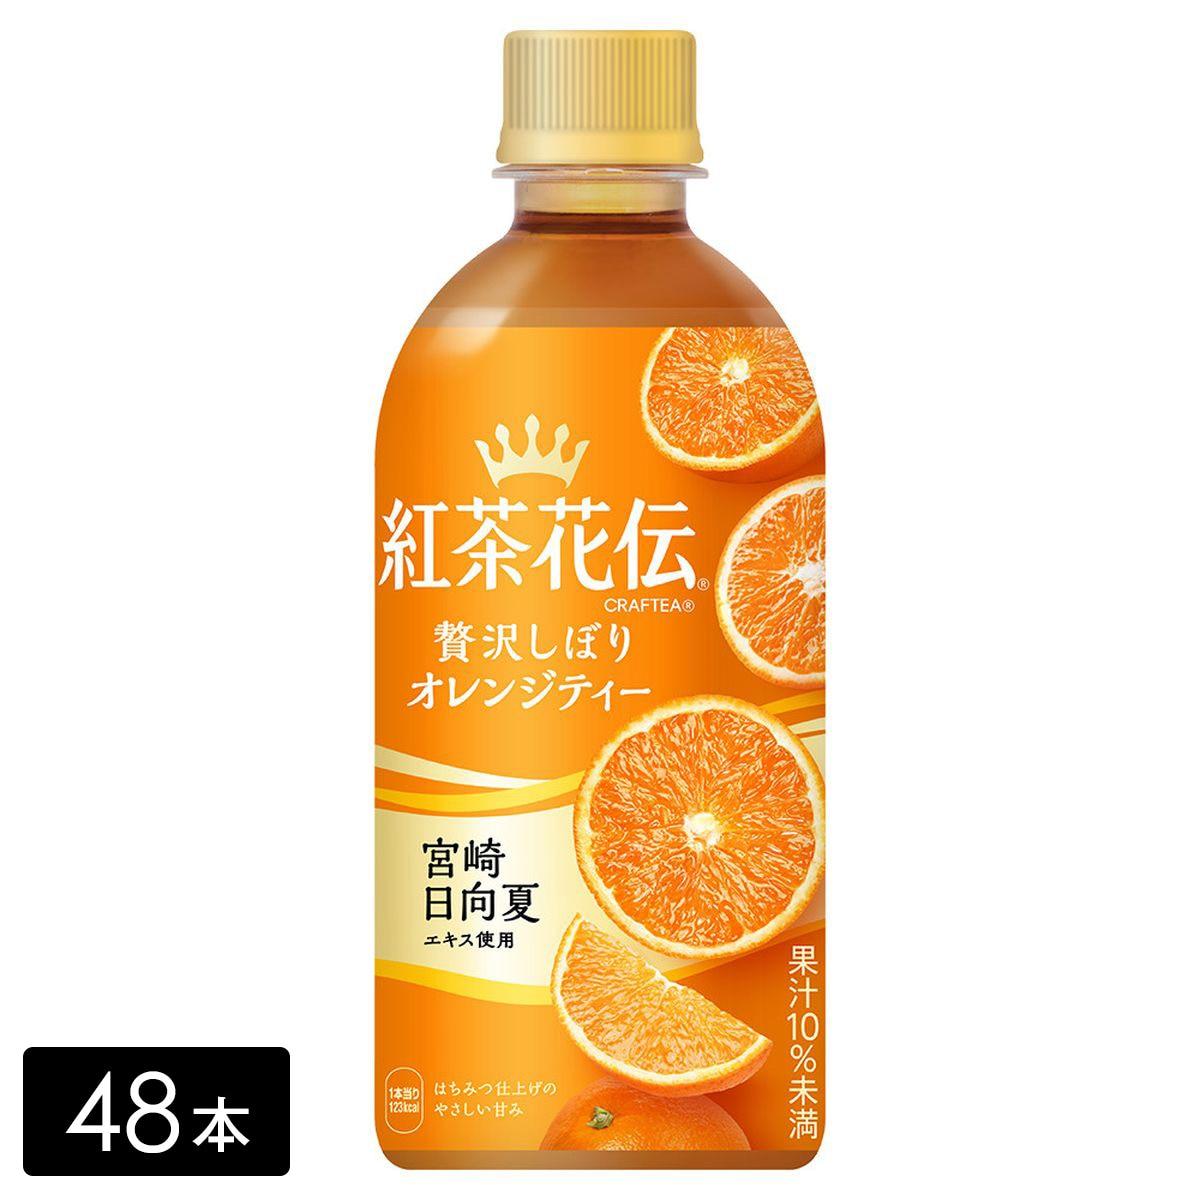 紅茶花伝クラフティー 贅沢しぼりオレンジティー 440mL×48本